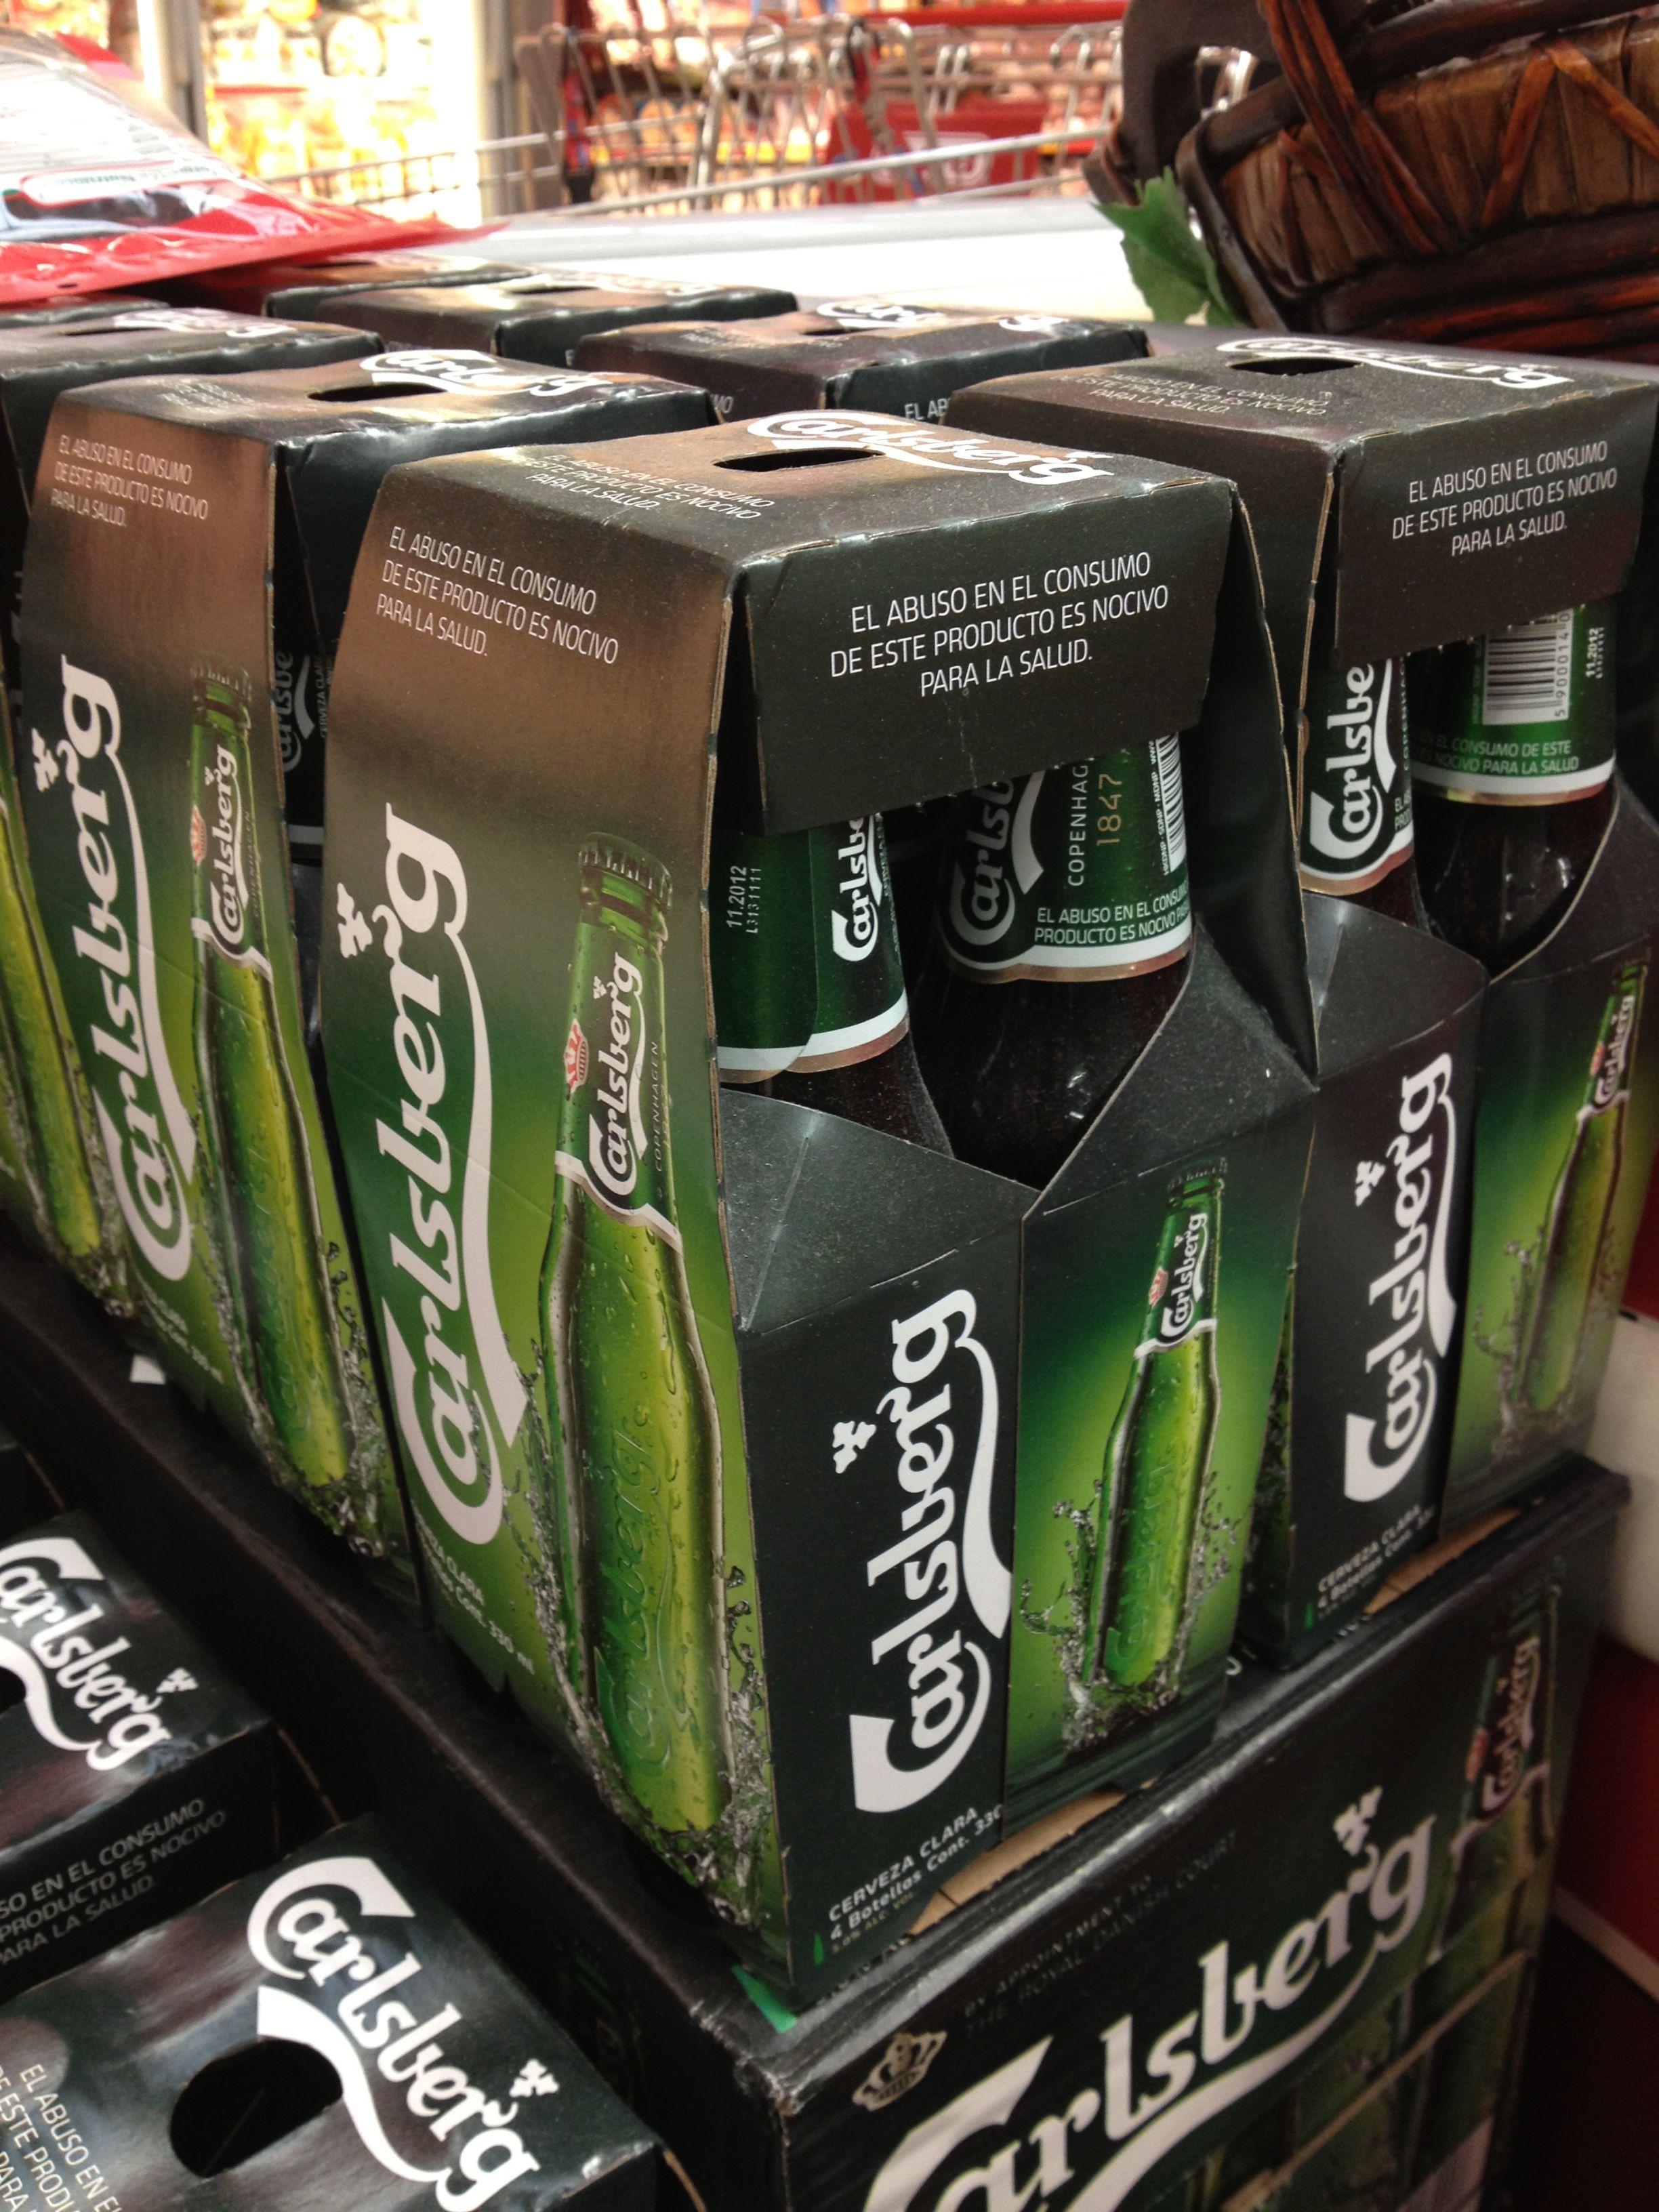 Carlsberg beer 4pack